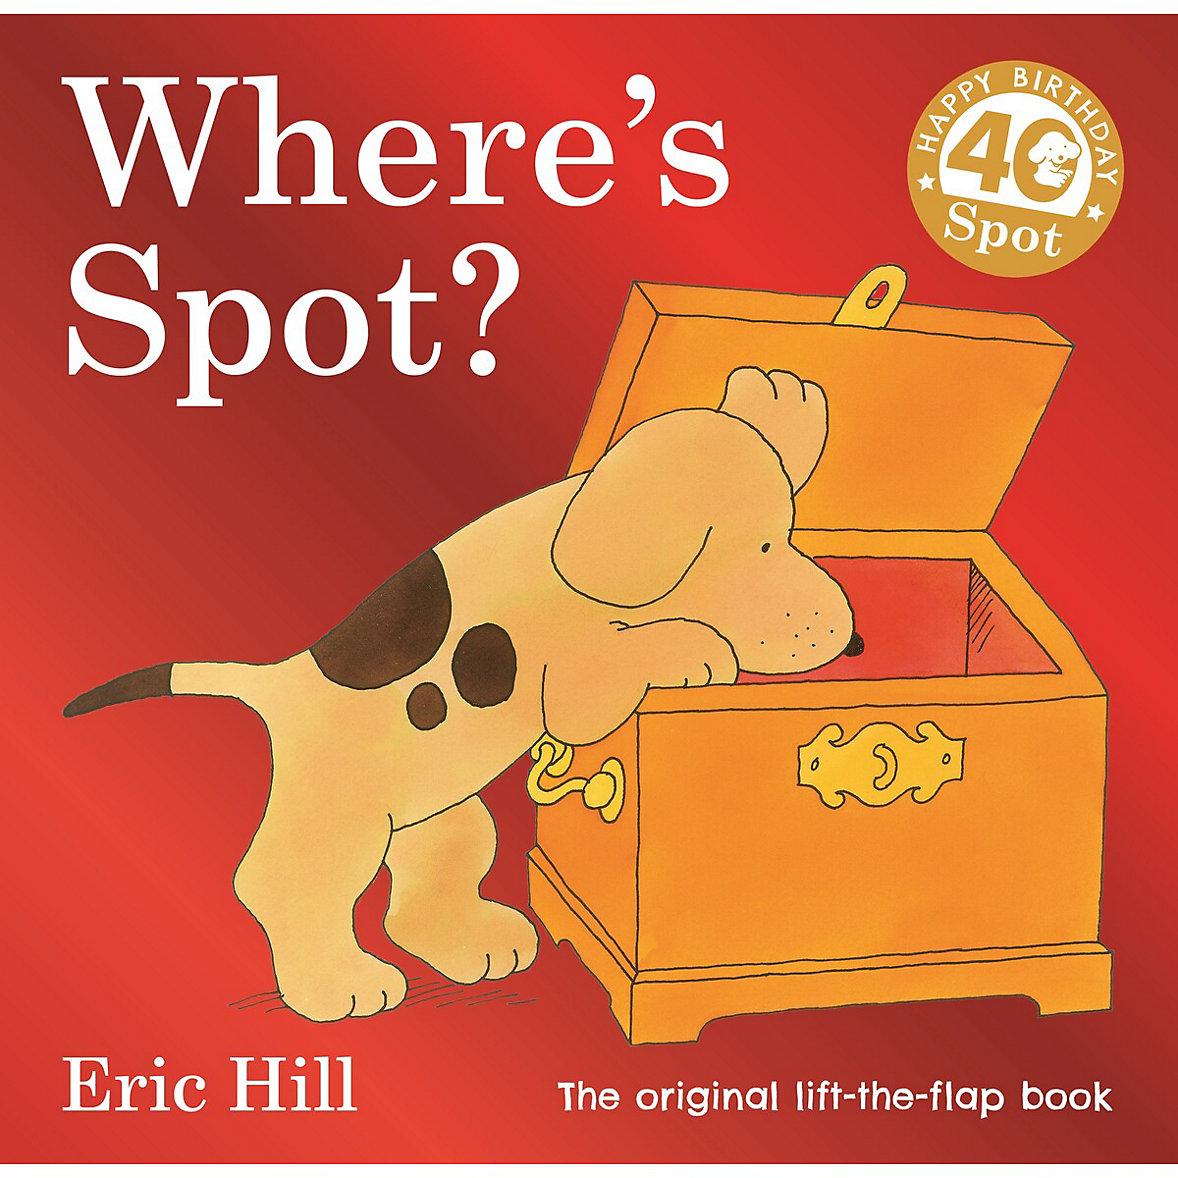 Where's Spot - Eric Hill